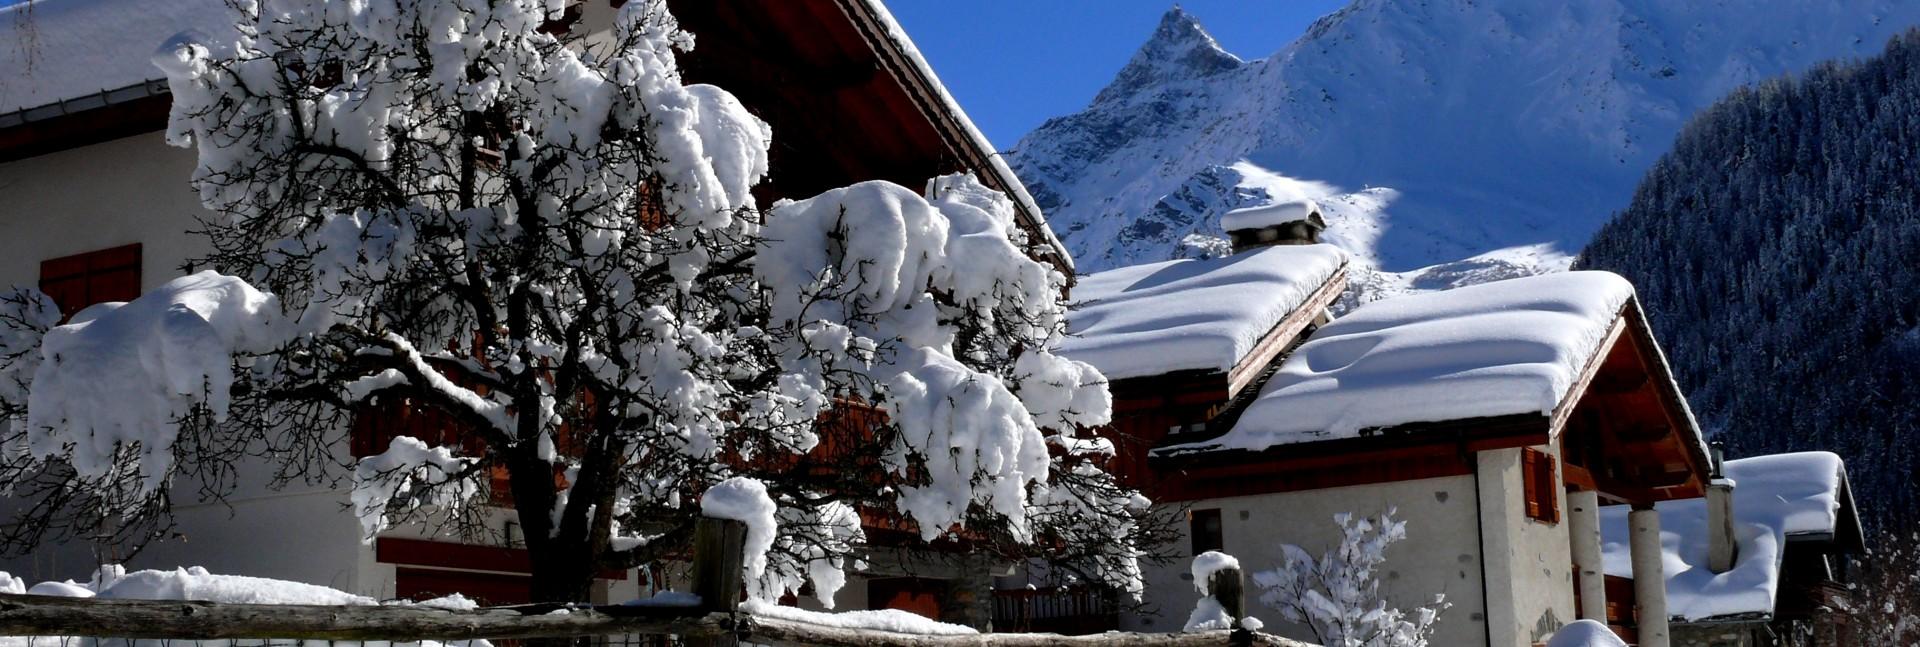 banniere-pv-reservation-hiver-maisons-passieux-46999